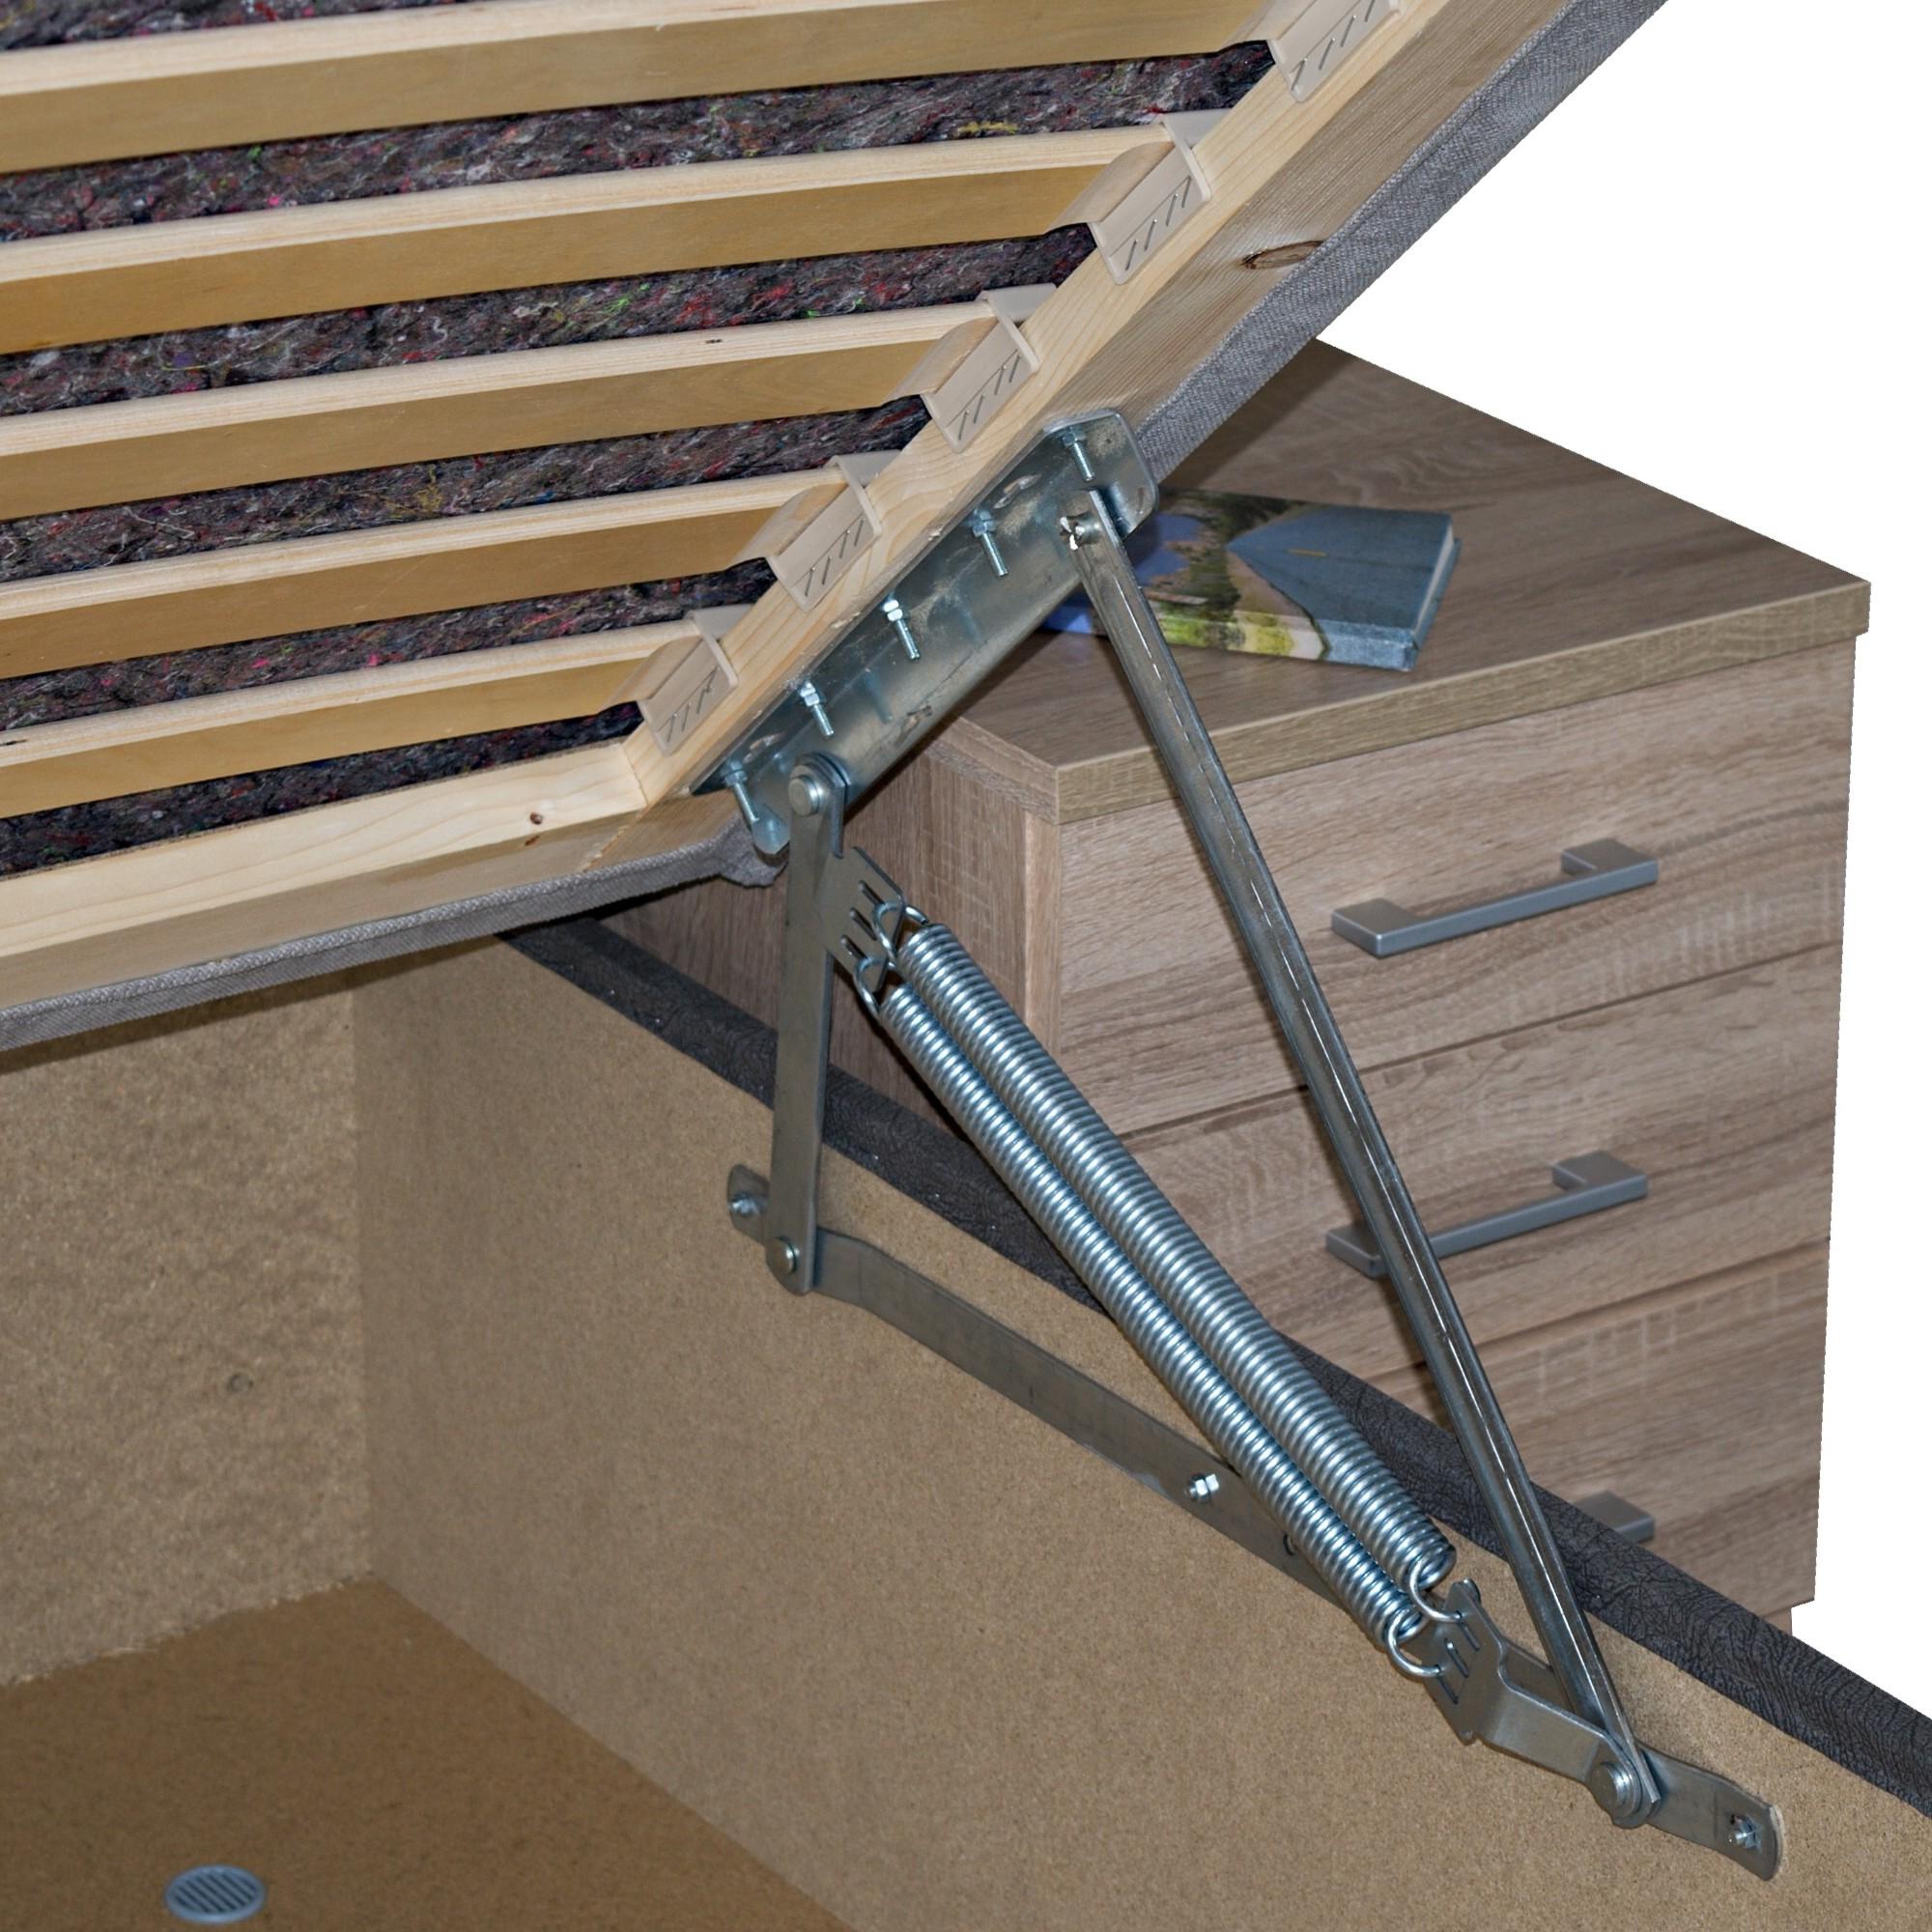 Sconto Posteľ PETRA dub sonoma/sivá, 140x200 cm Univerzálna čalúnená posteľ PETRA predstavuje kompletné lôžko vrátane matraca a roštu.